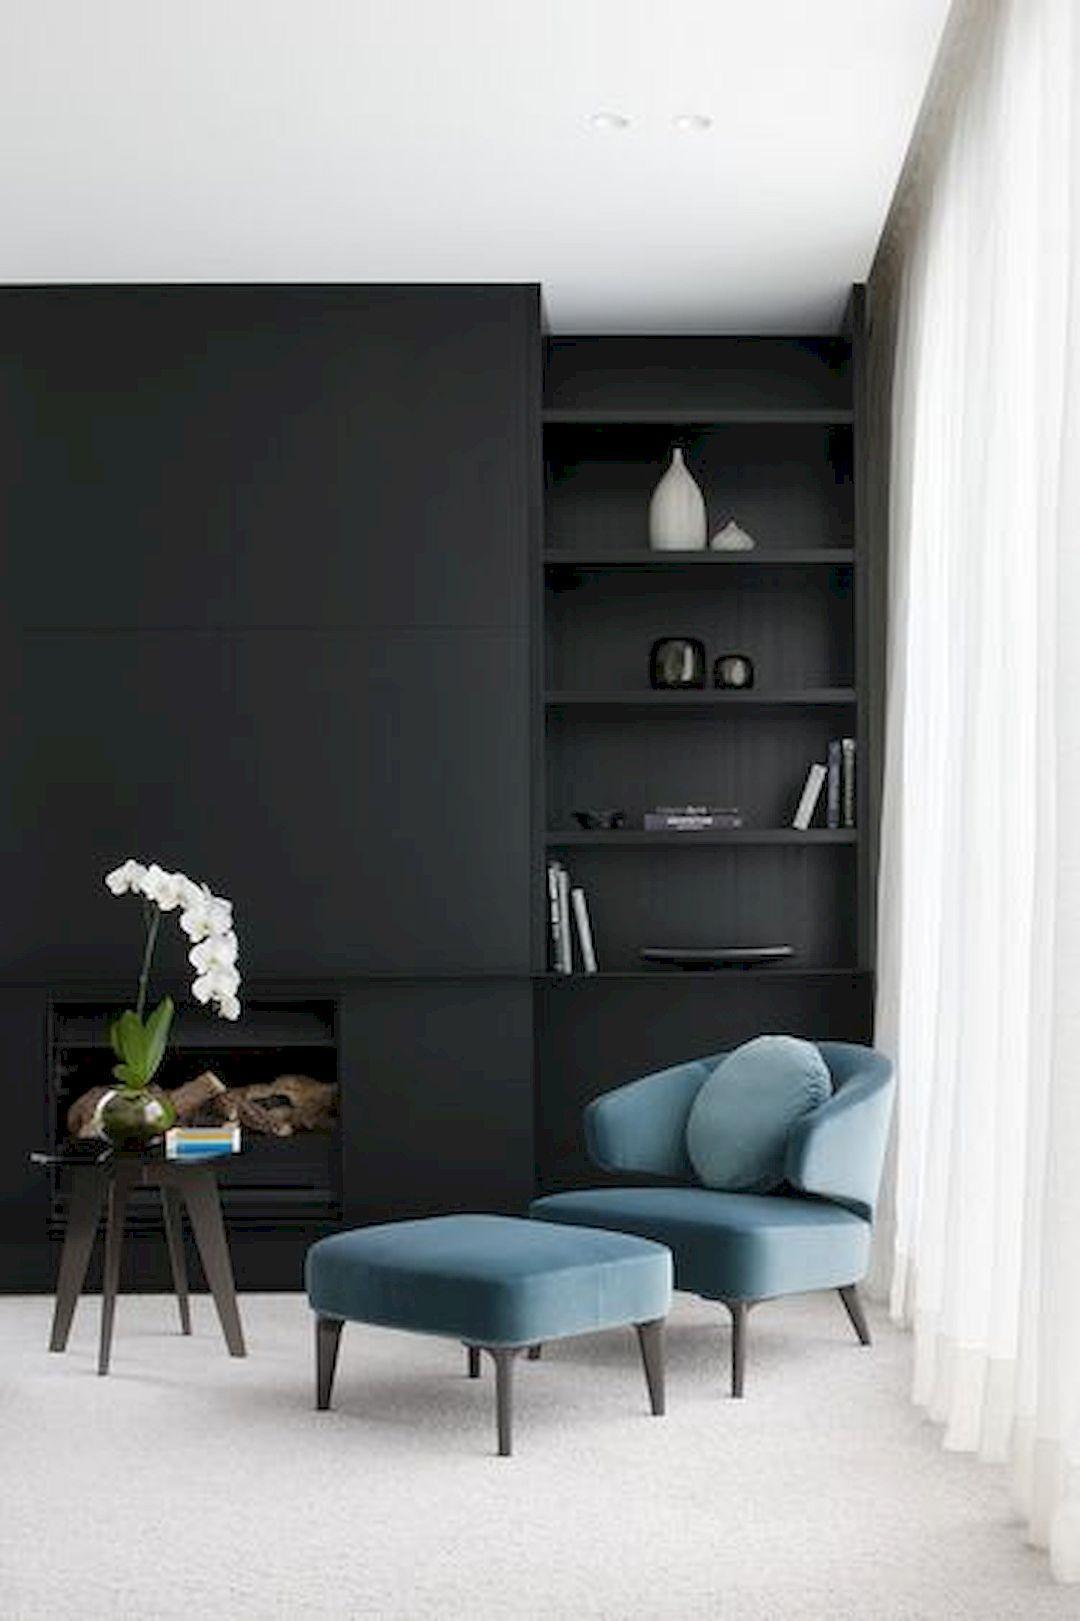 Best Interior Design Idea 2017 51